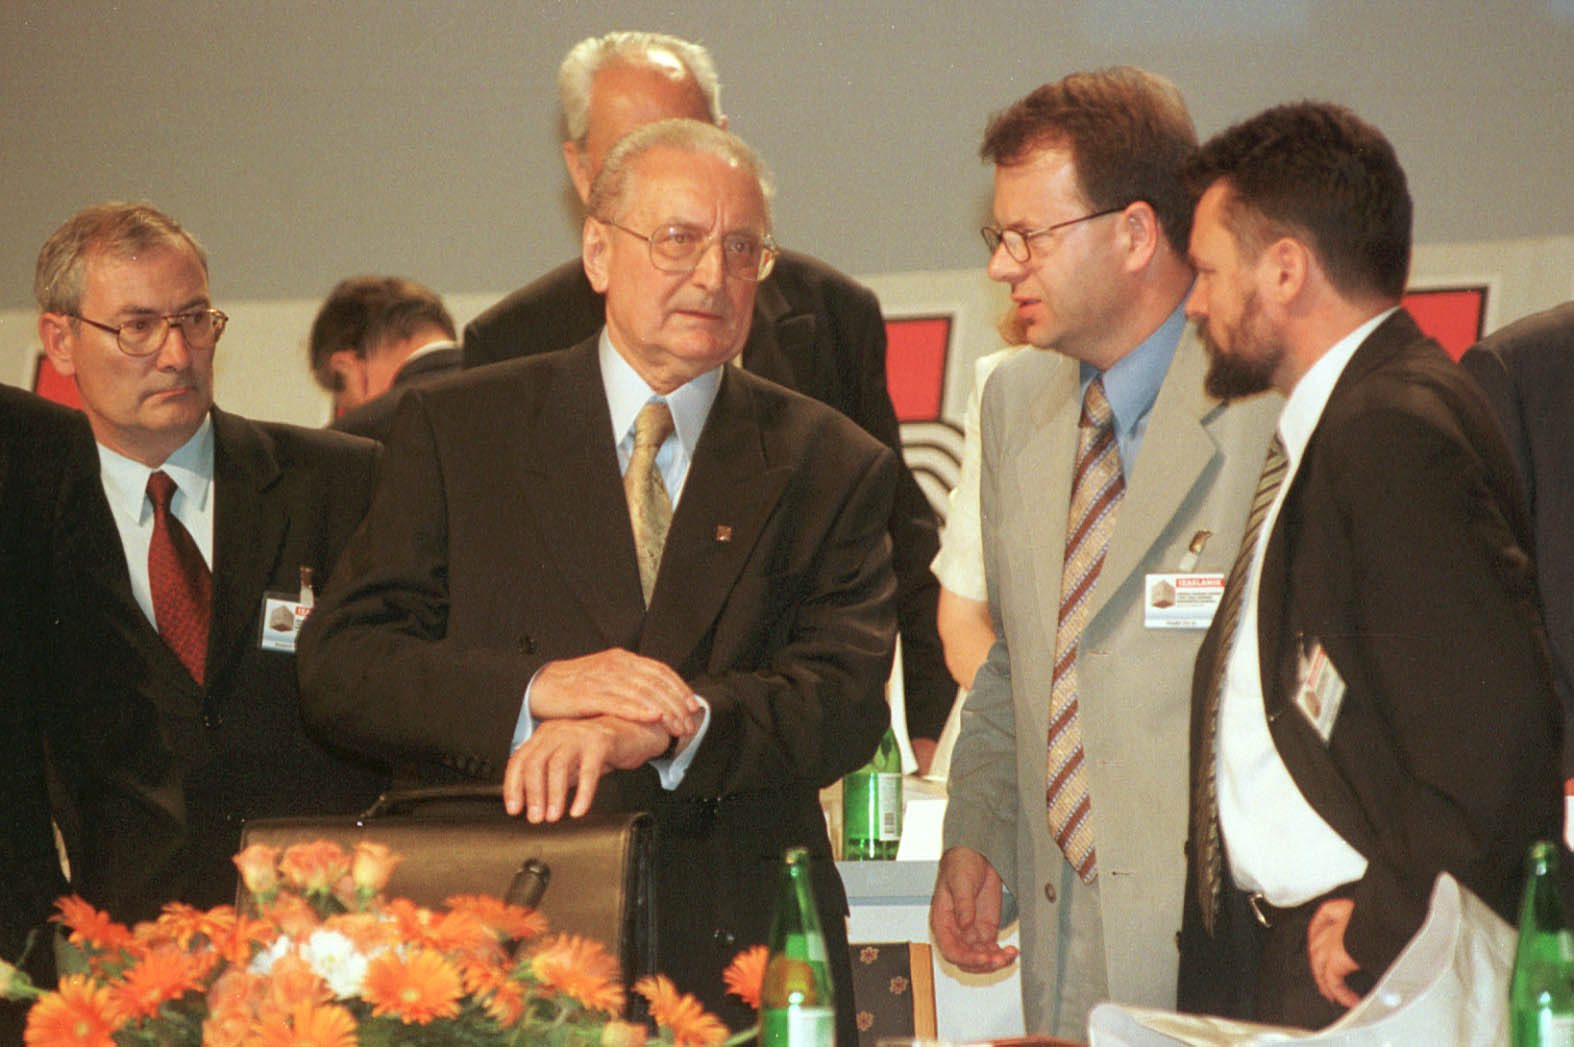 S lijeva na desno: Ivica Kostović, Franjo Tuđman, Ivić Pašalić i Drago Krpina